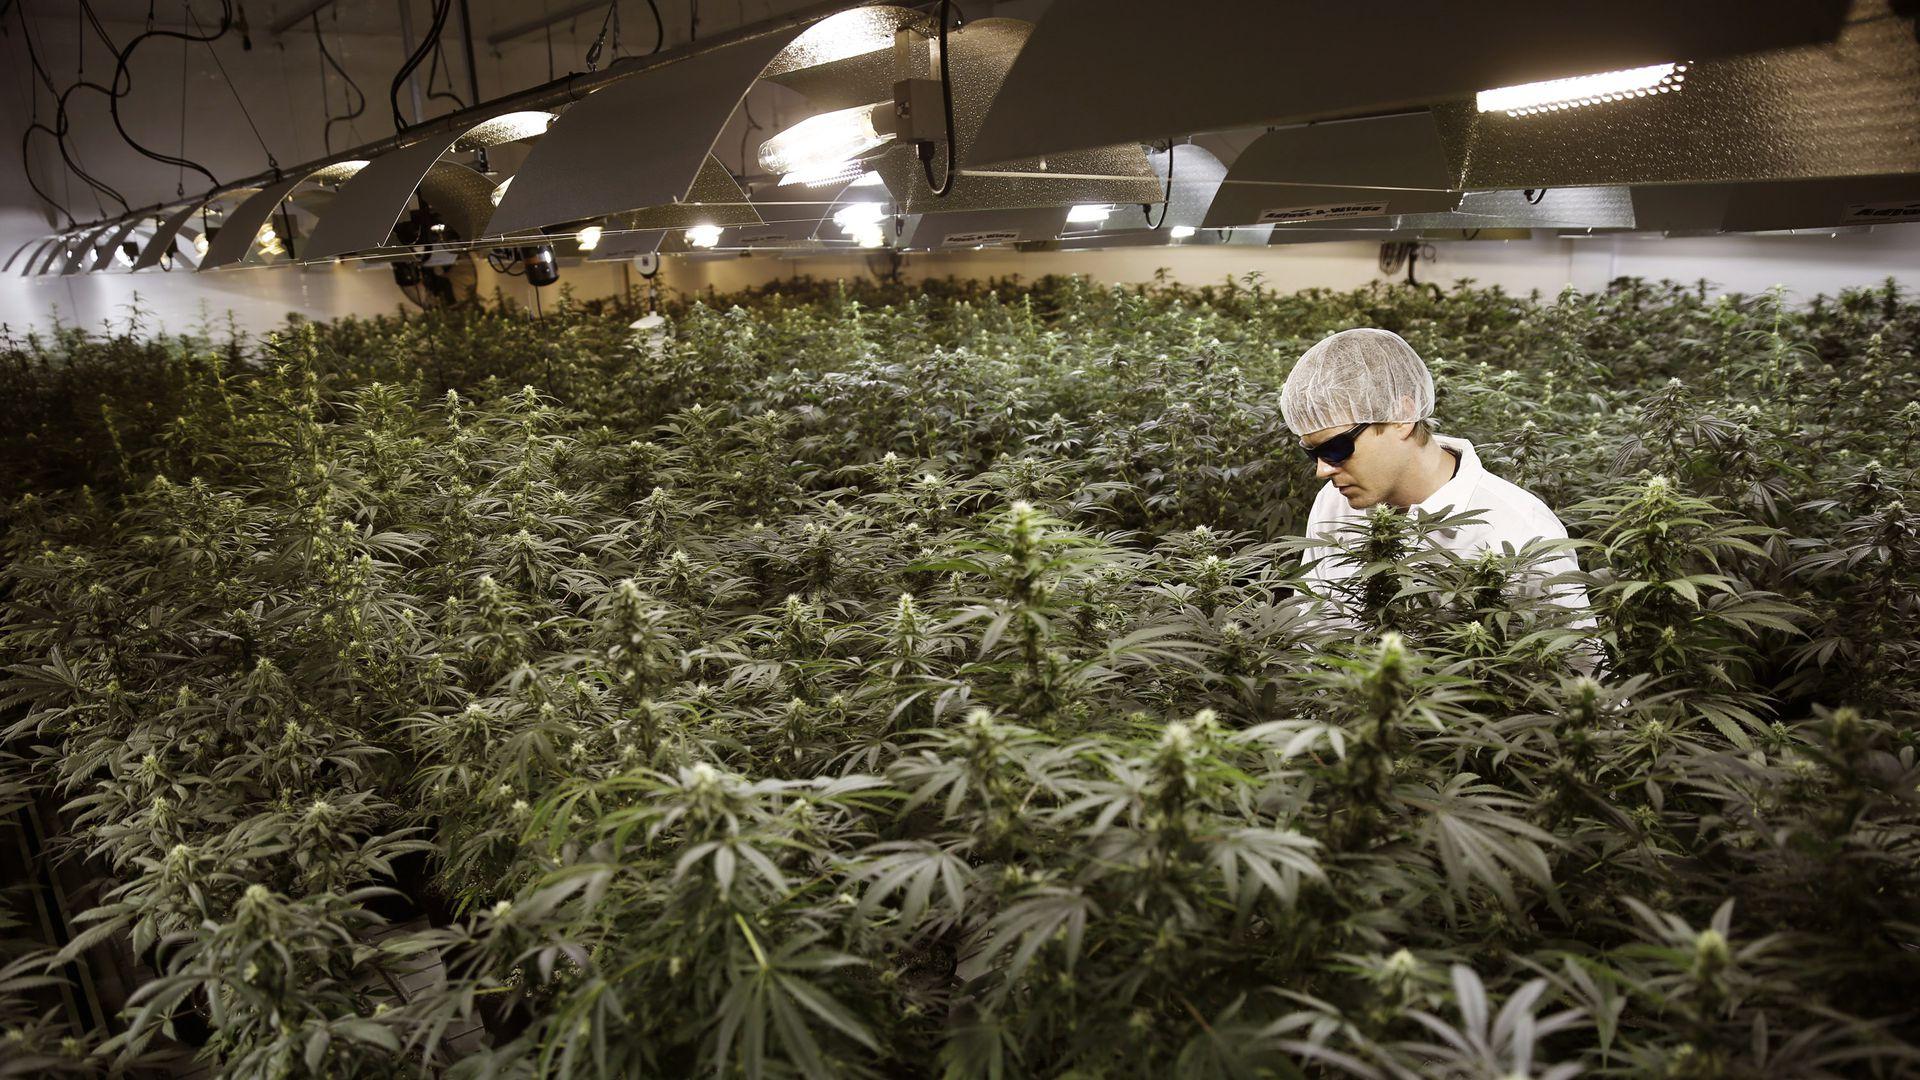 Посадить за курение могут марихуаны ли конопли всходы семян